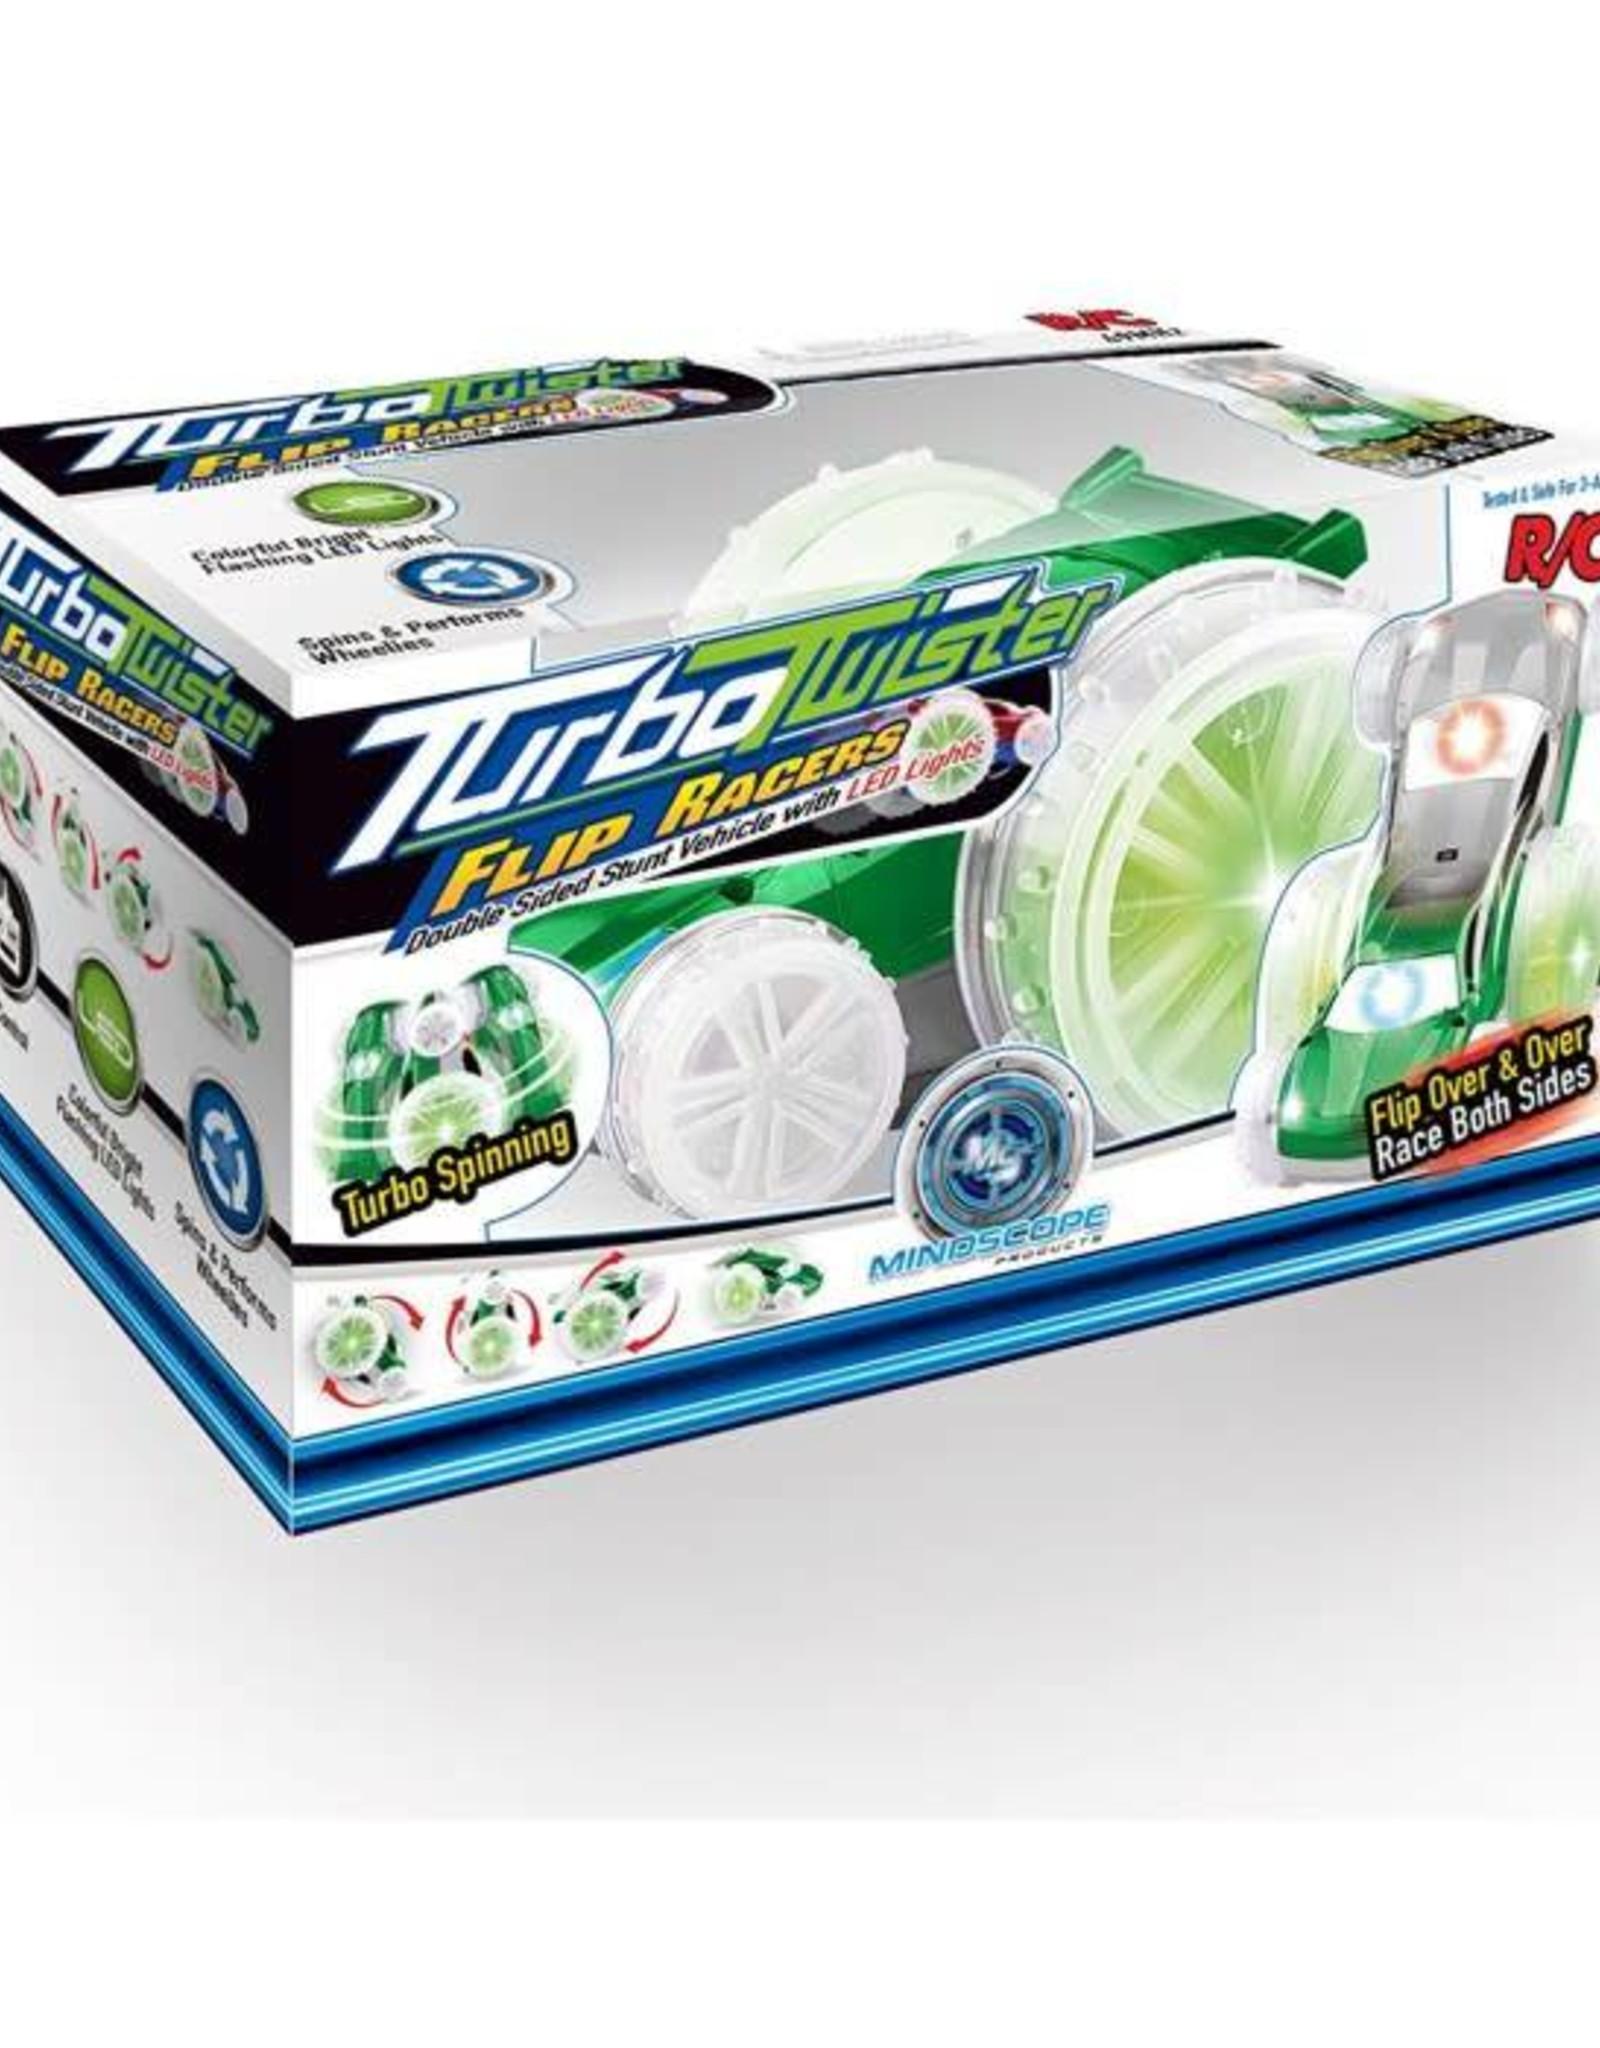 Mindscope Turbo Twister Flip Racer Silver/Green